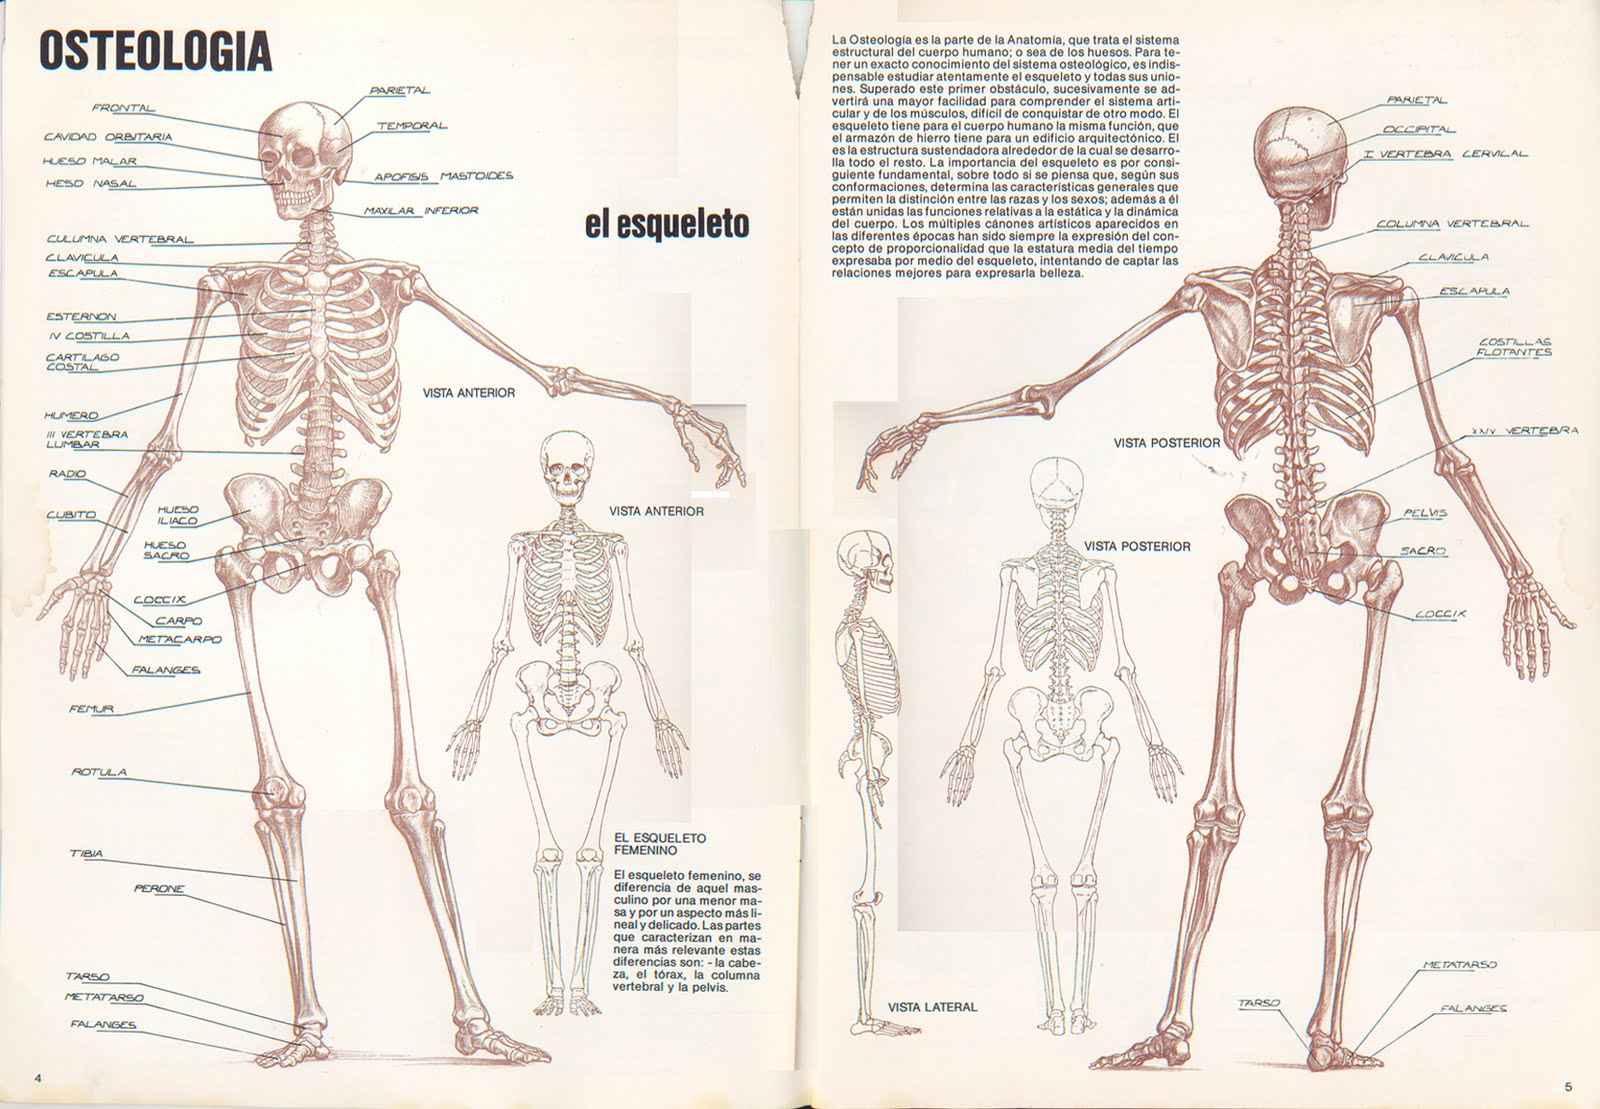 Magnífico Anatomía Humana Imágenes Reales Colección - Anatomía de ...